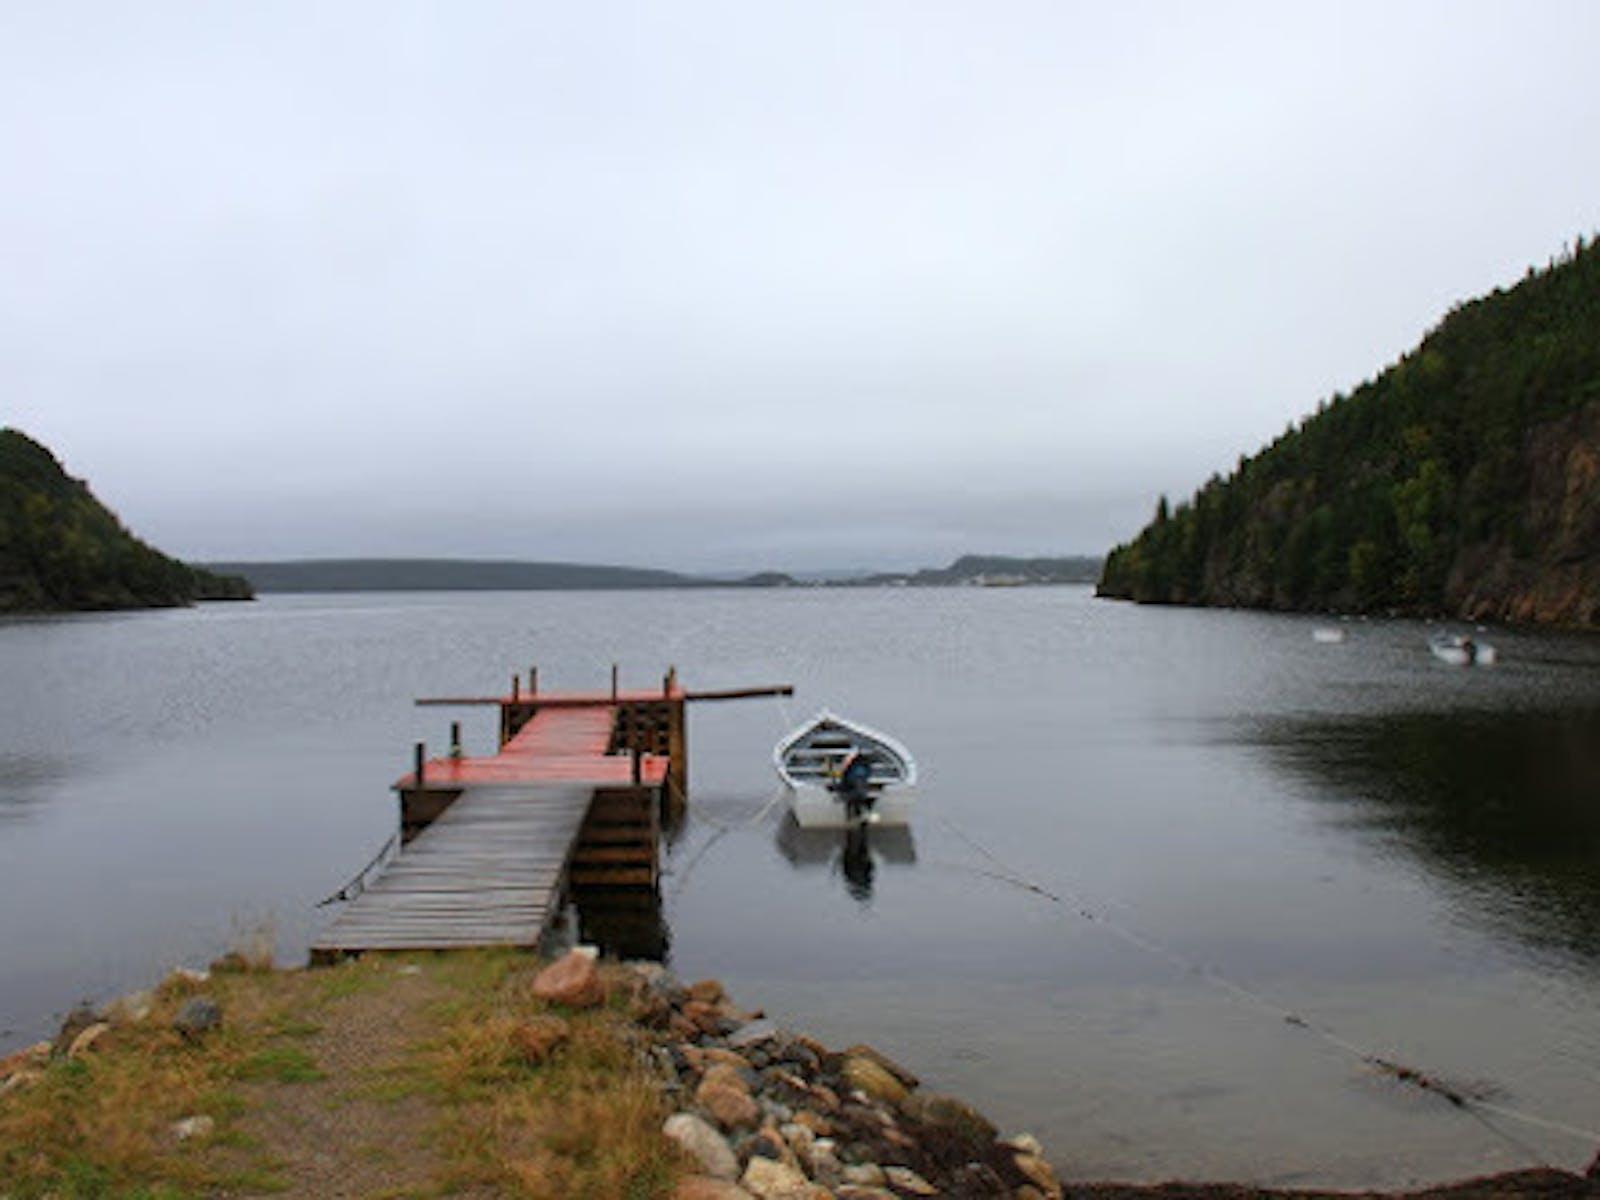 une scène d'un lac avec un quai à moitié peint en rouge au milieu s'étendant dans l'eau. Un bateau est attaché au quai et entouré de montagnes.